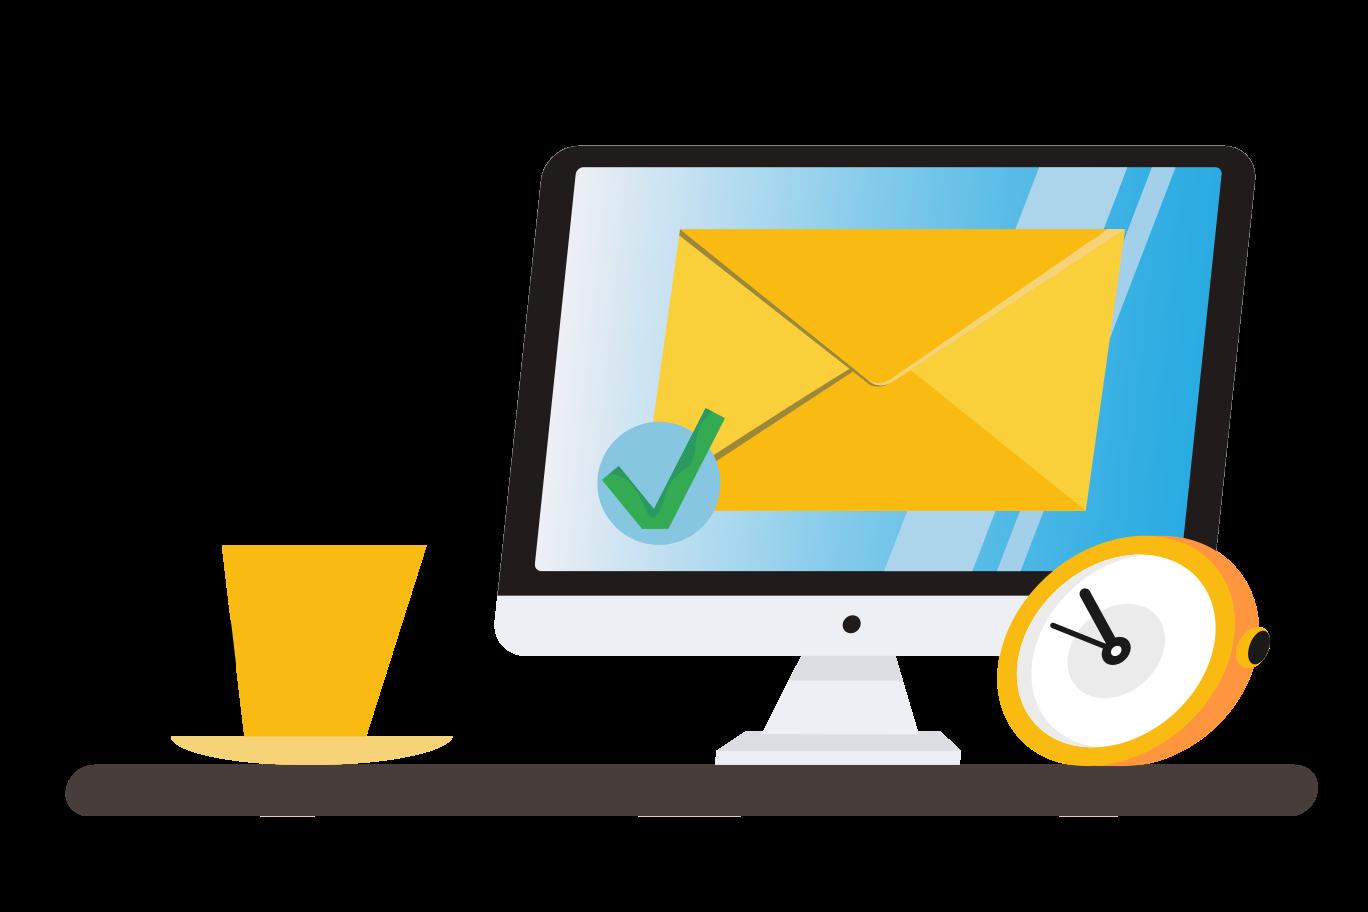 Message delivered Clipart illustration in PNG, SVG